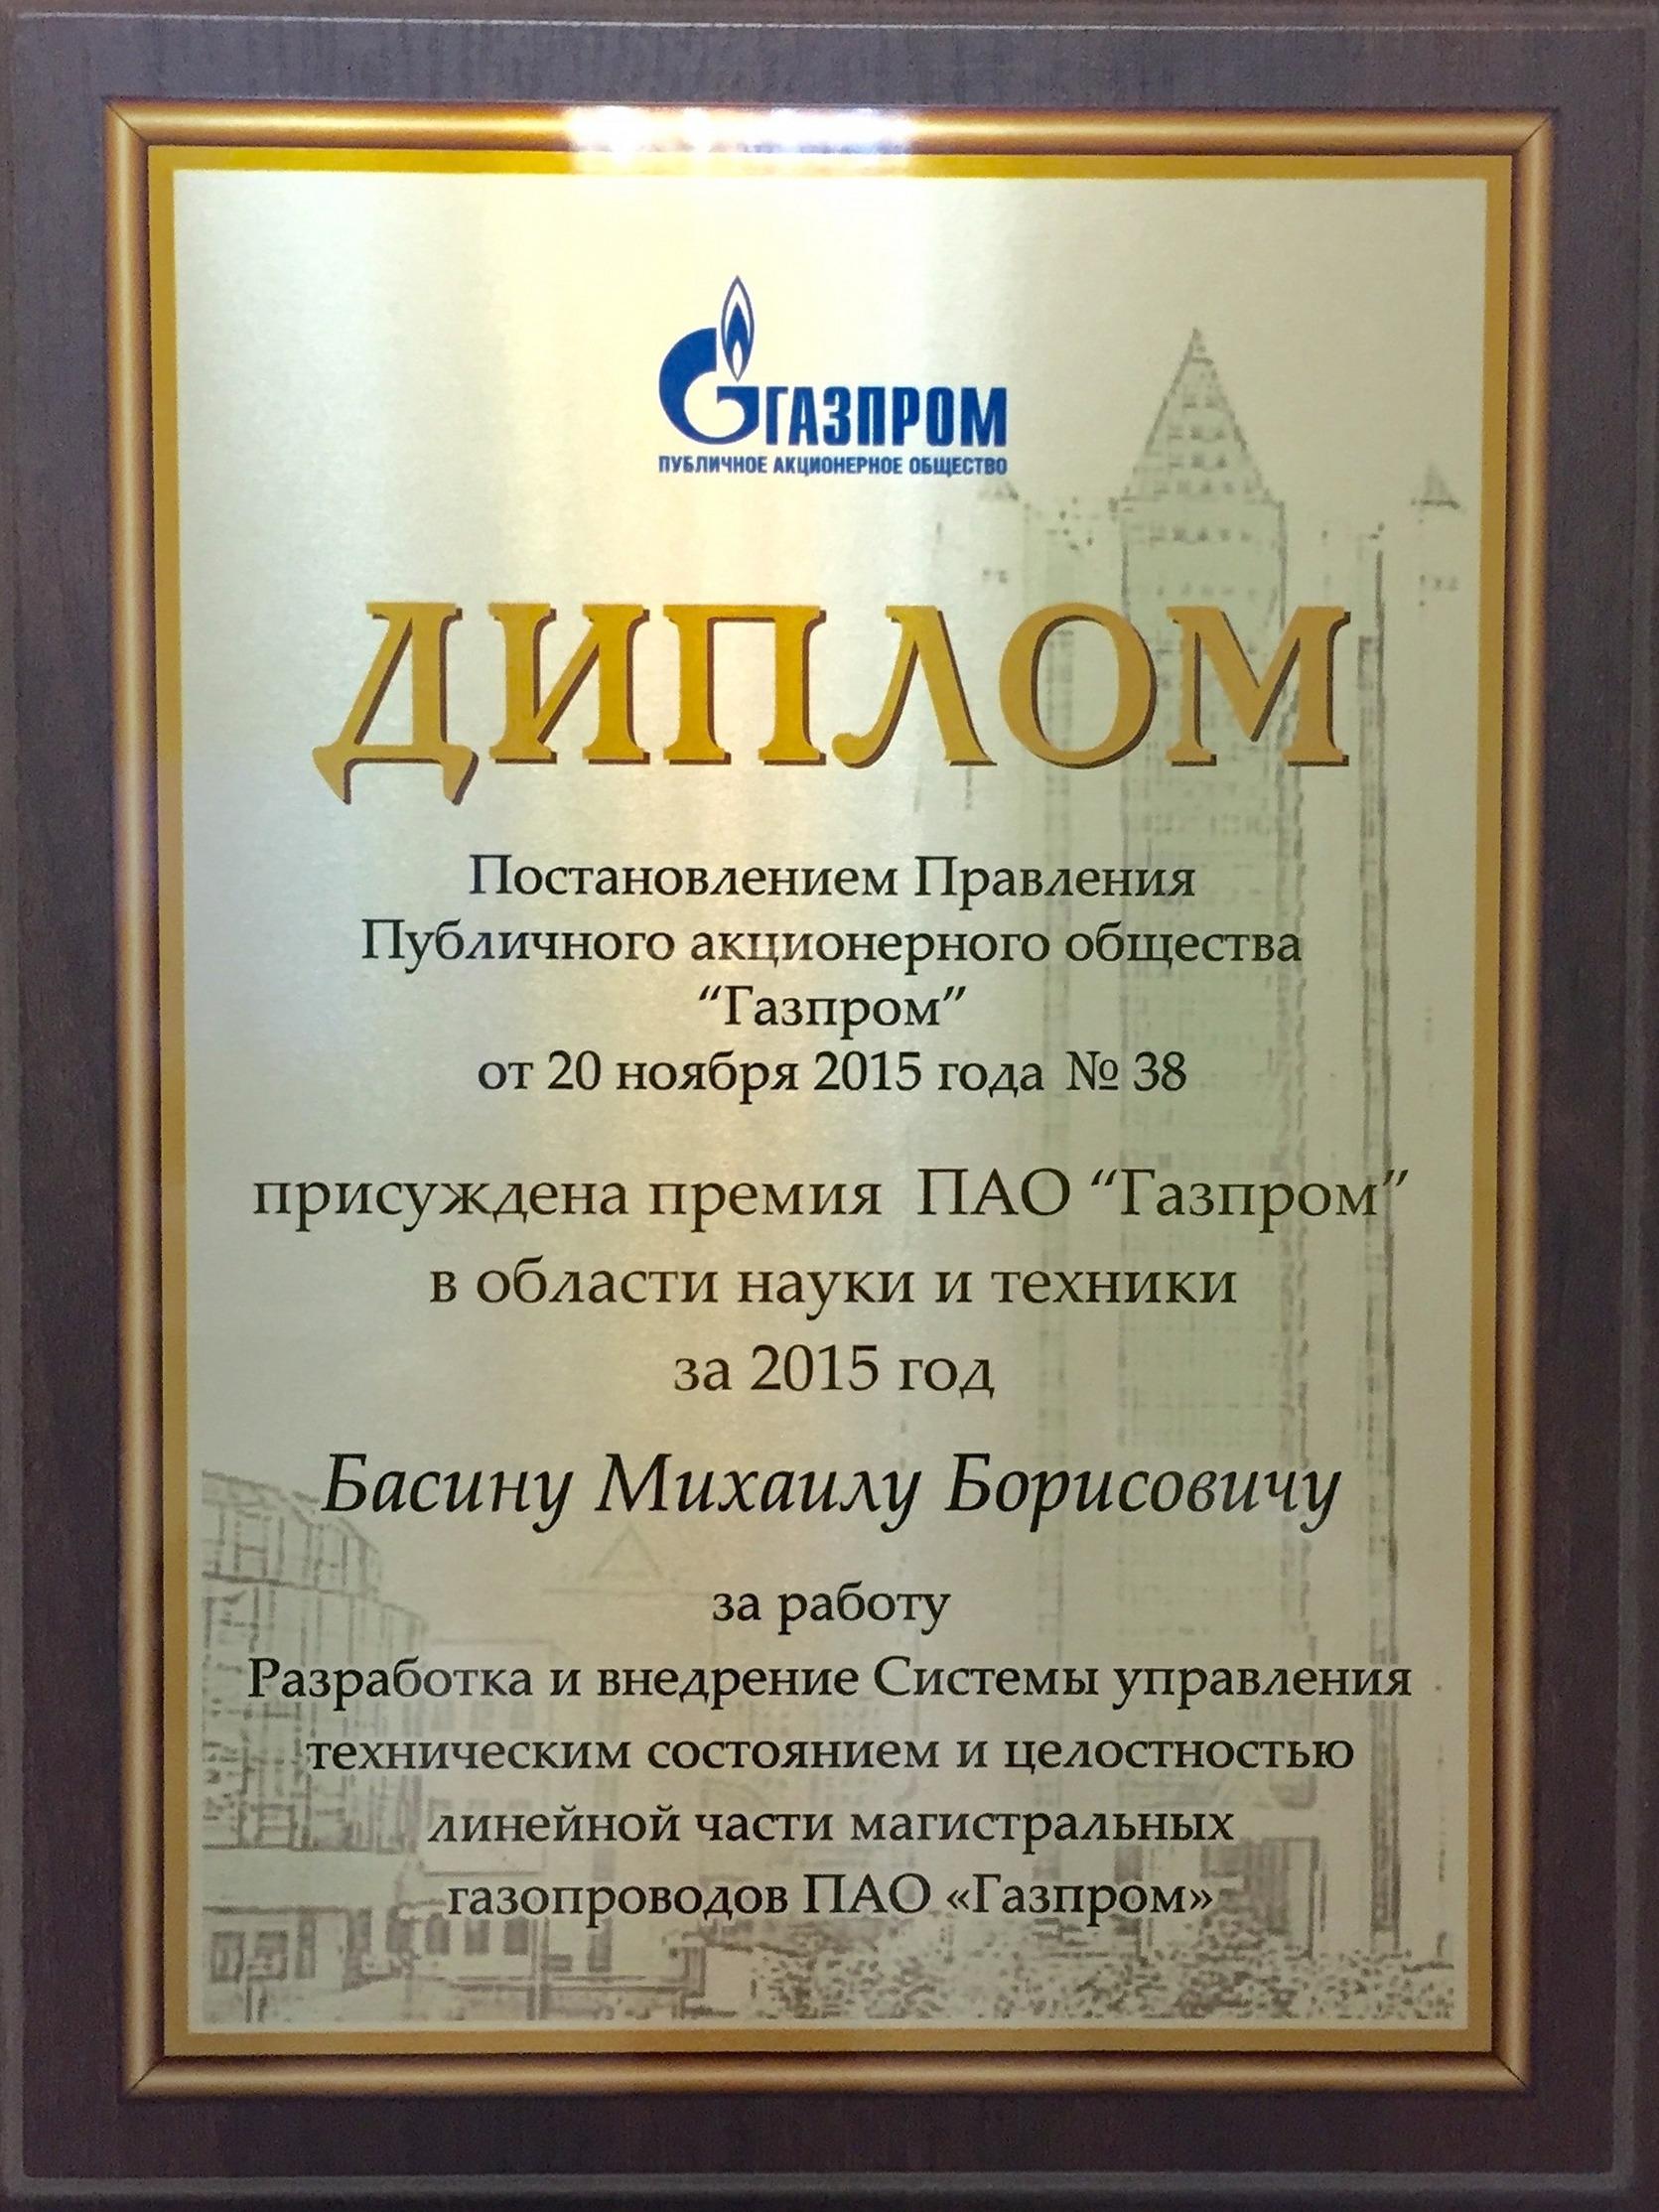 Первая премия Газпром за разработку и внедрение СУТСиЦ